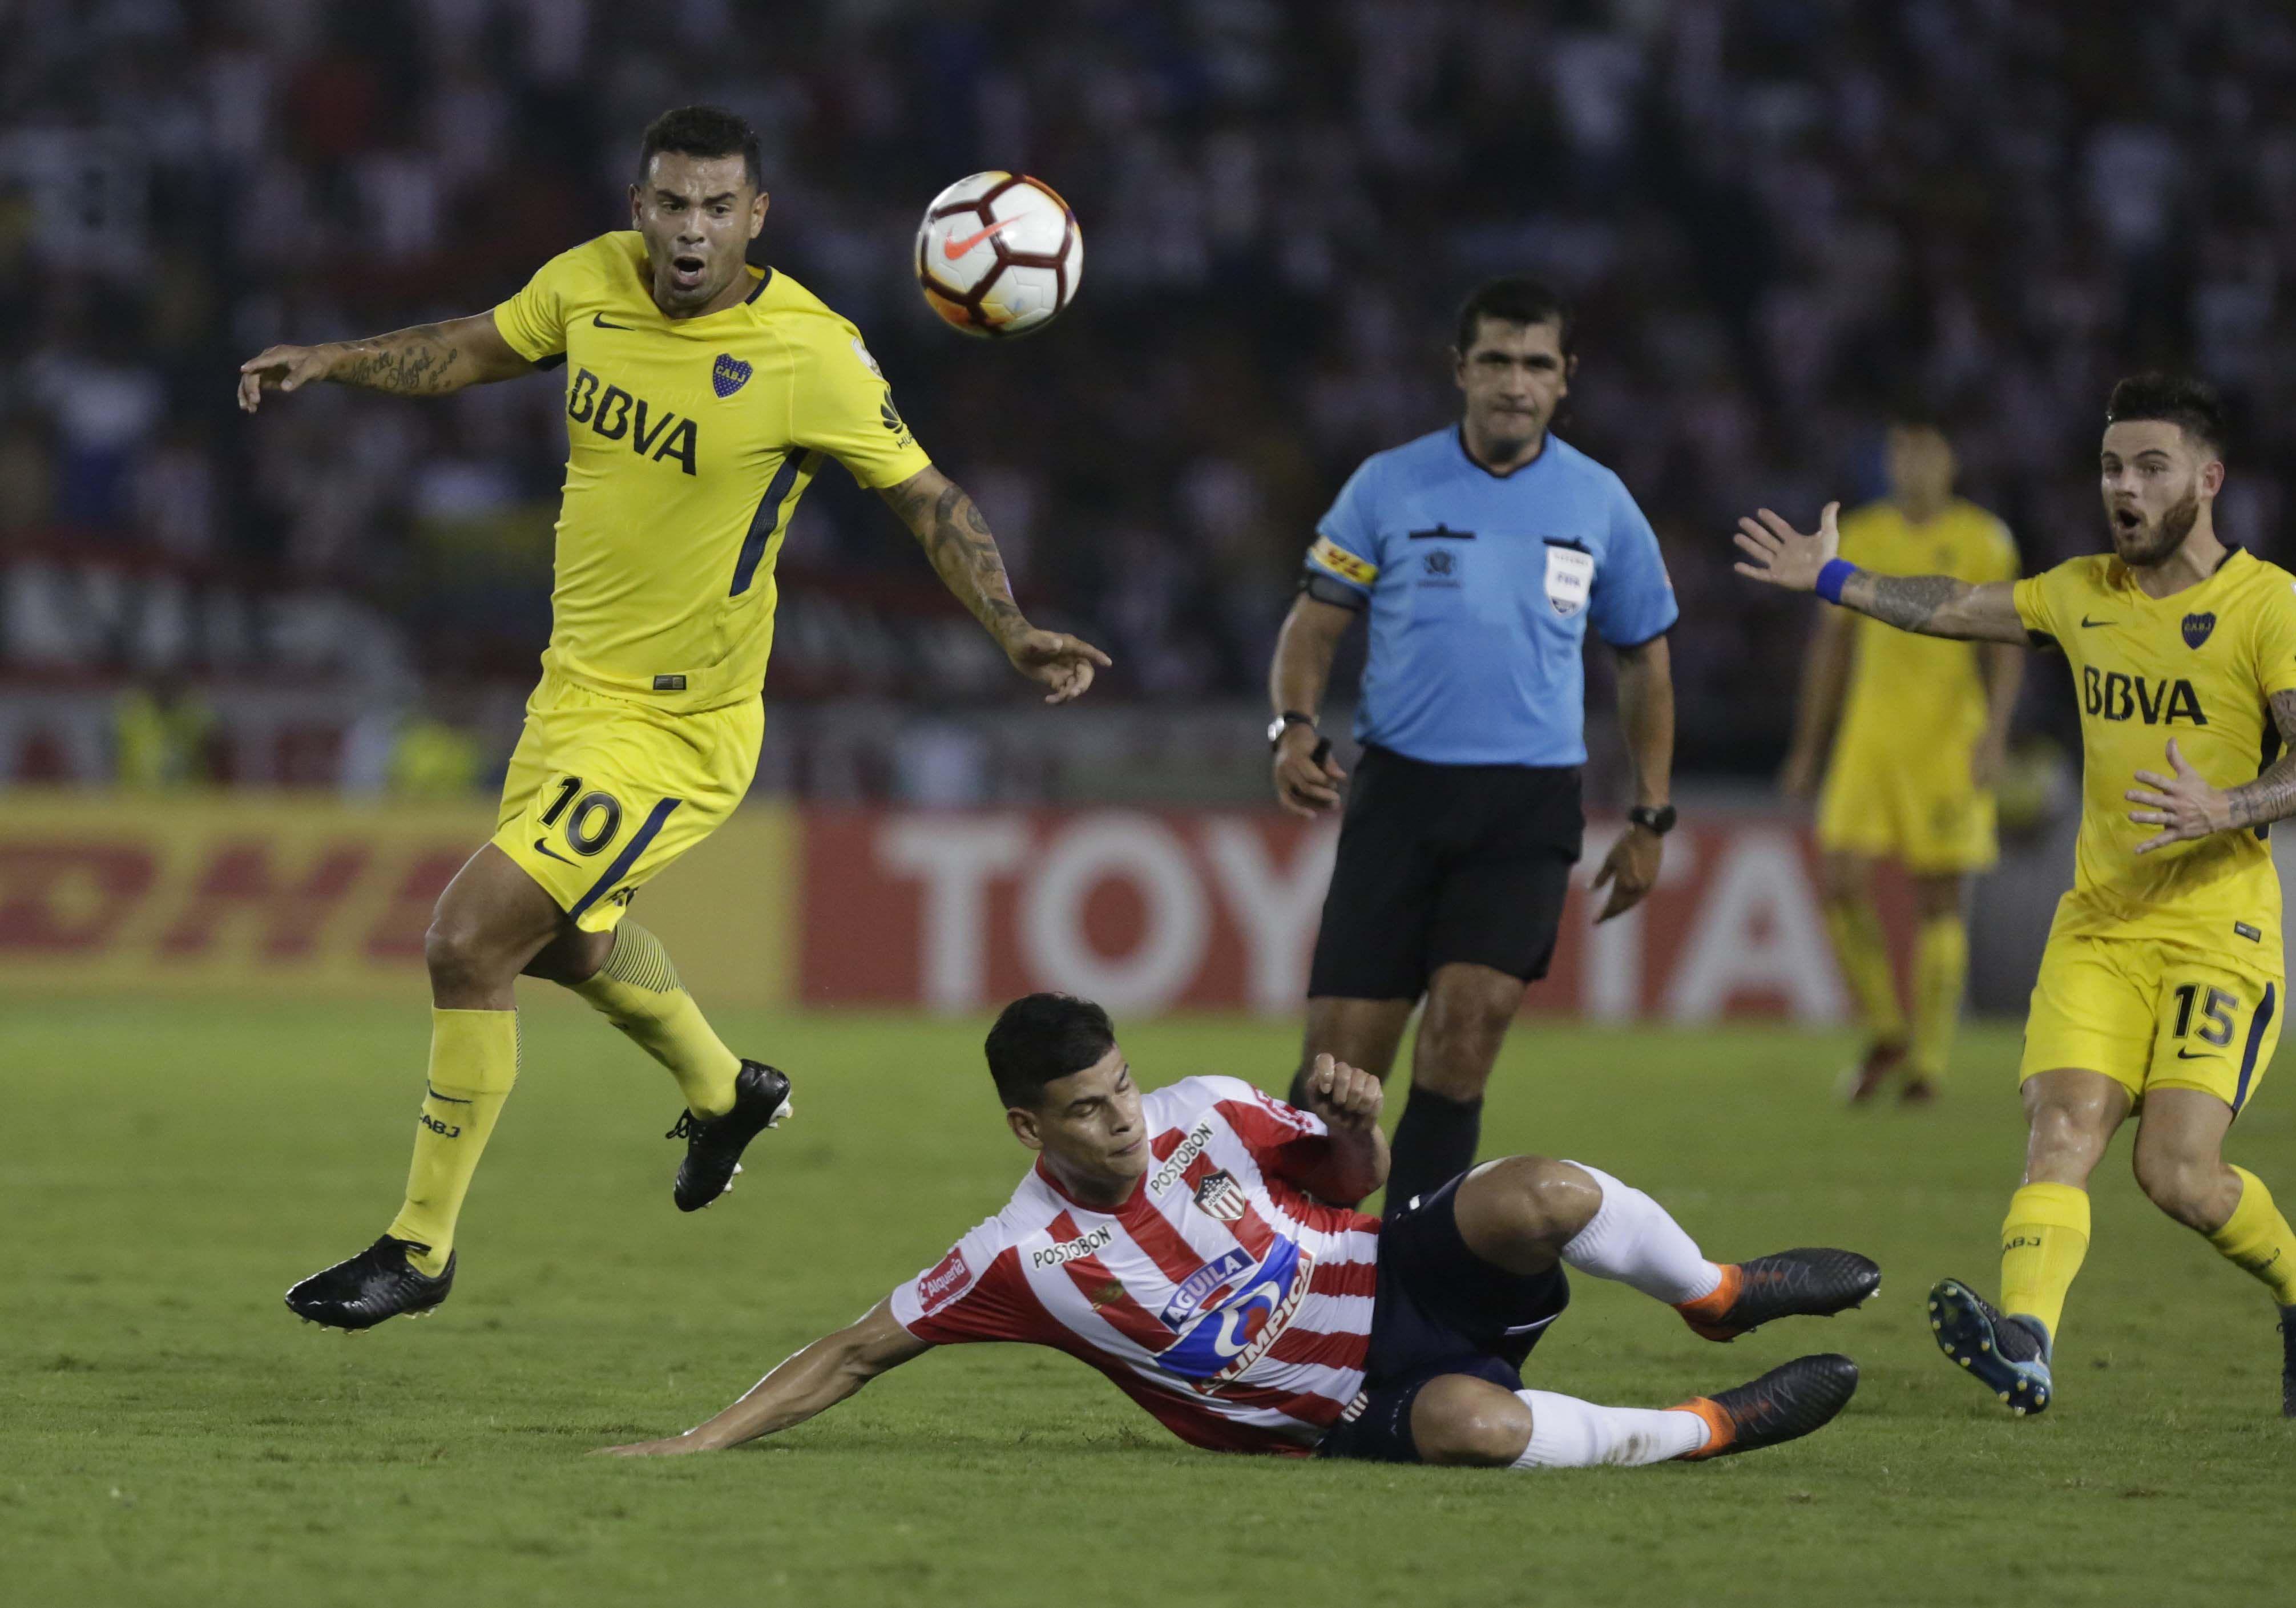 ¿Boca apretó al árbitro? Dura denuncia de Julio Comesaña, entrenador de Junior